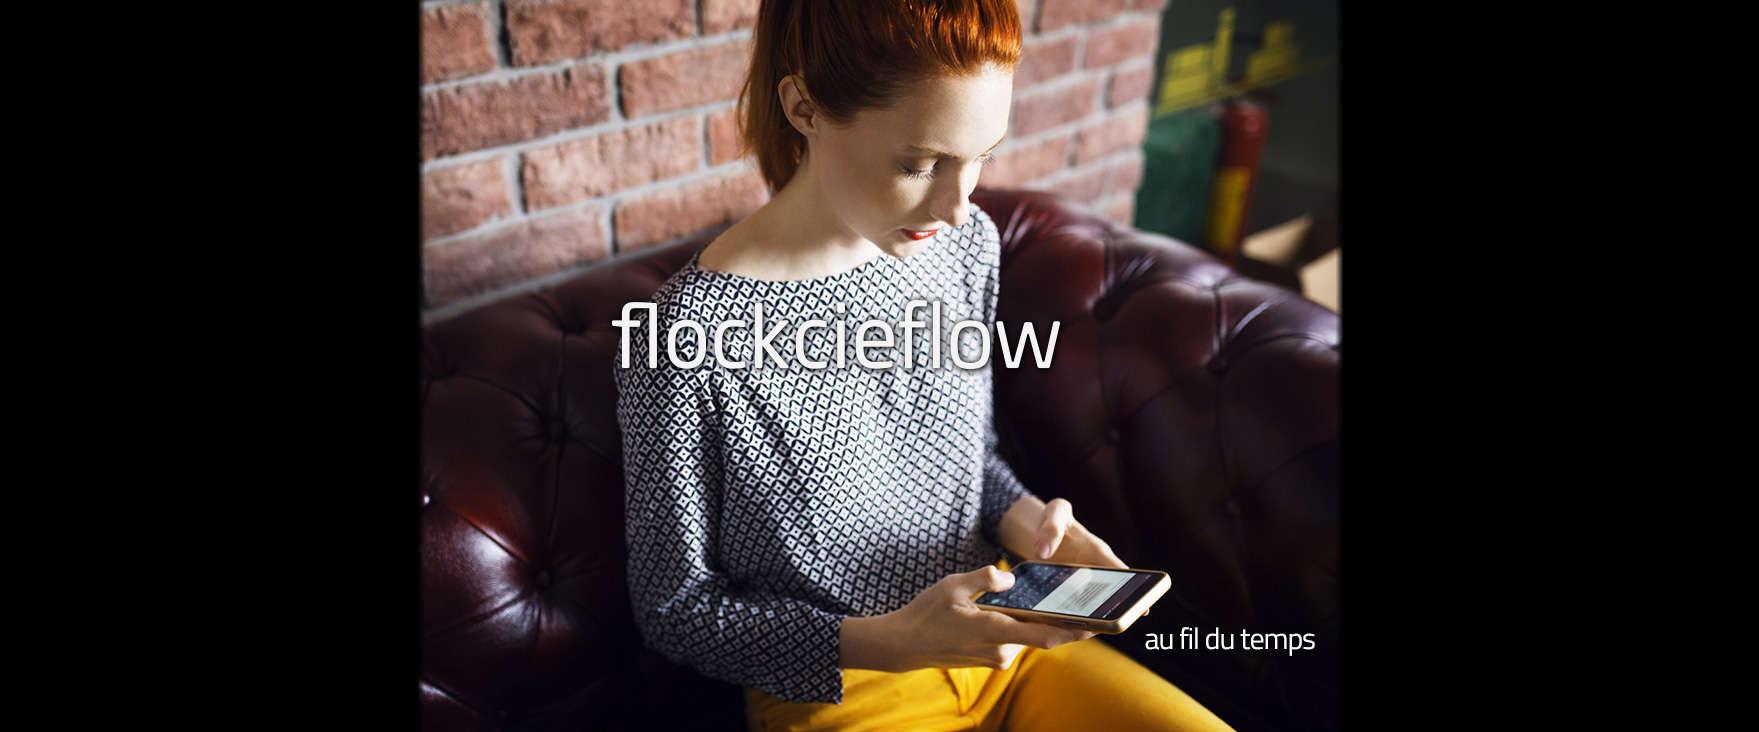 bandeau-blog-flow-timeline